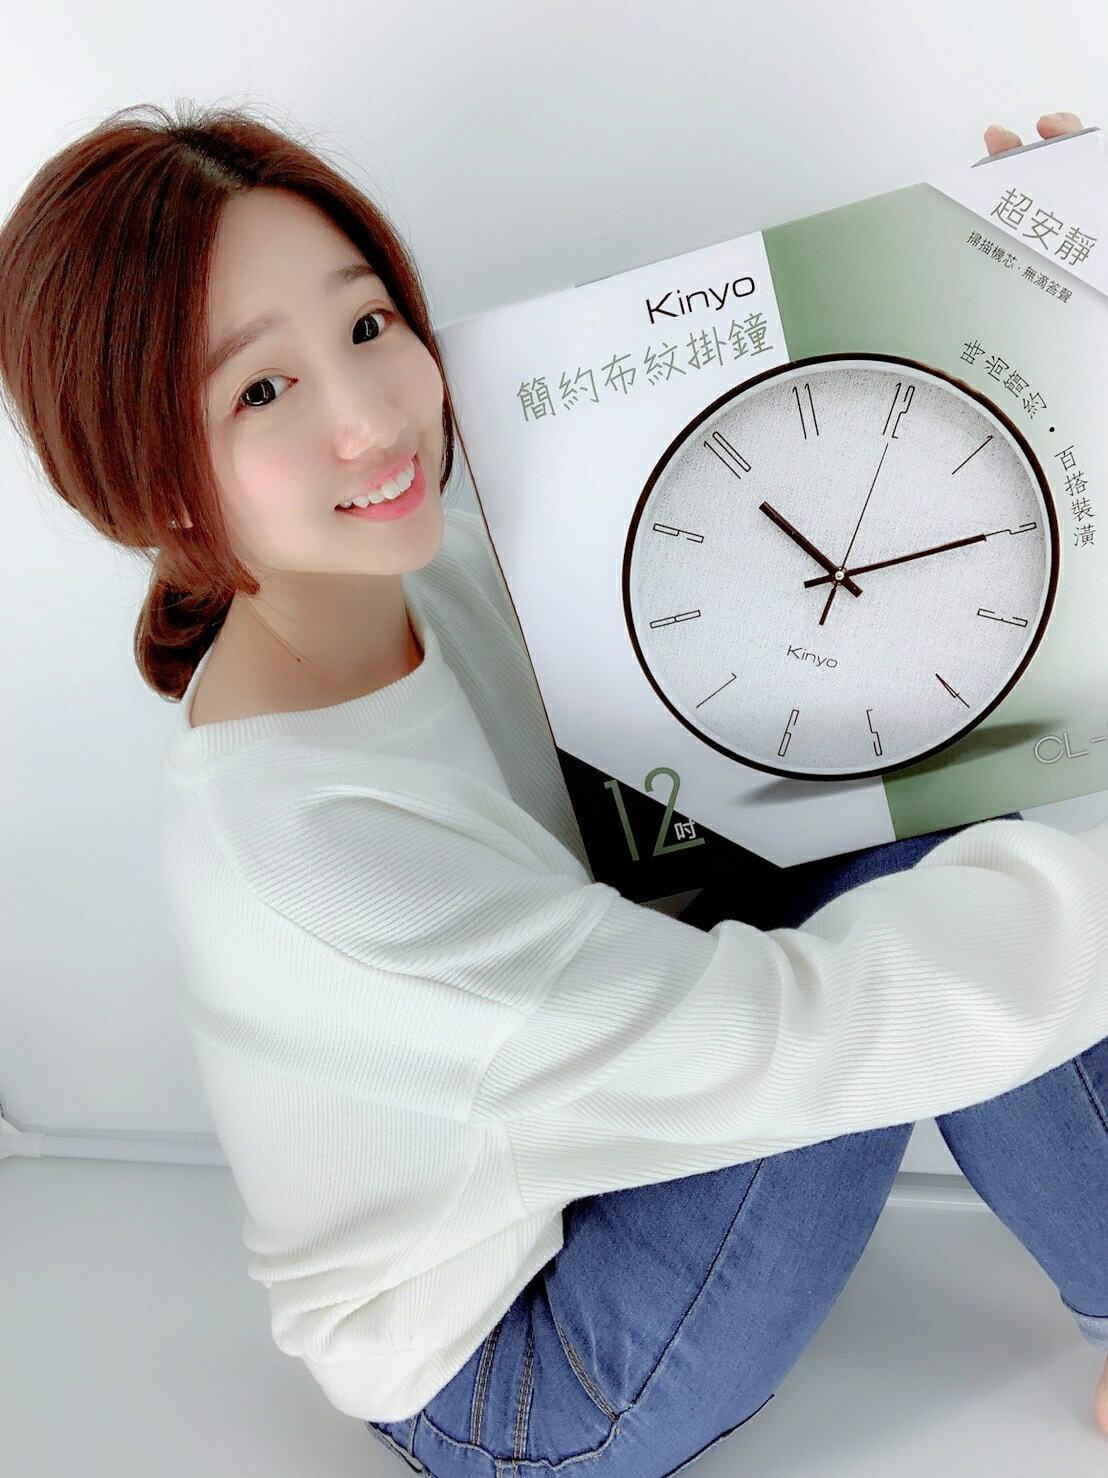 KINYO CL-182 簡約布紋掛鐘 時鐘 掛鐘 12吋 時間 靜音 安靜 送電池